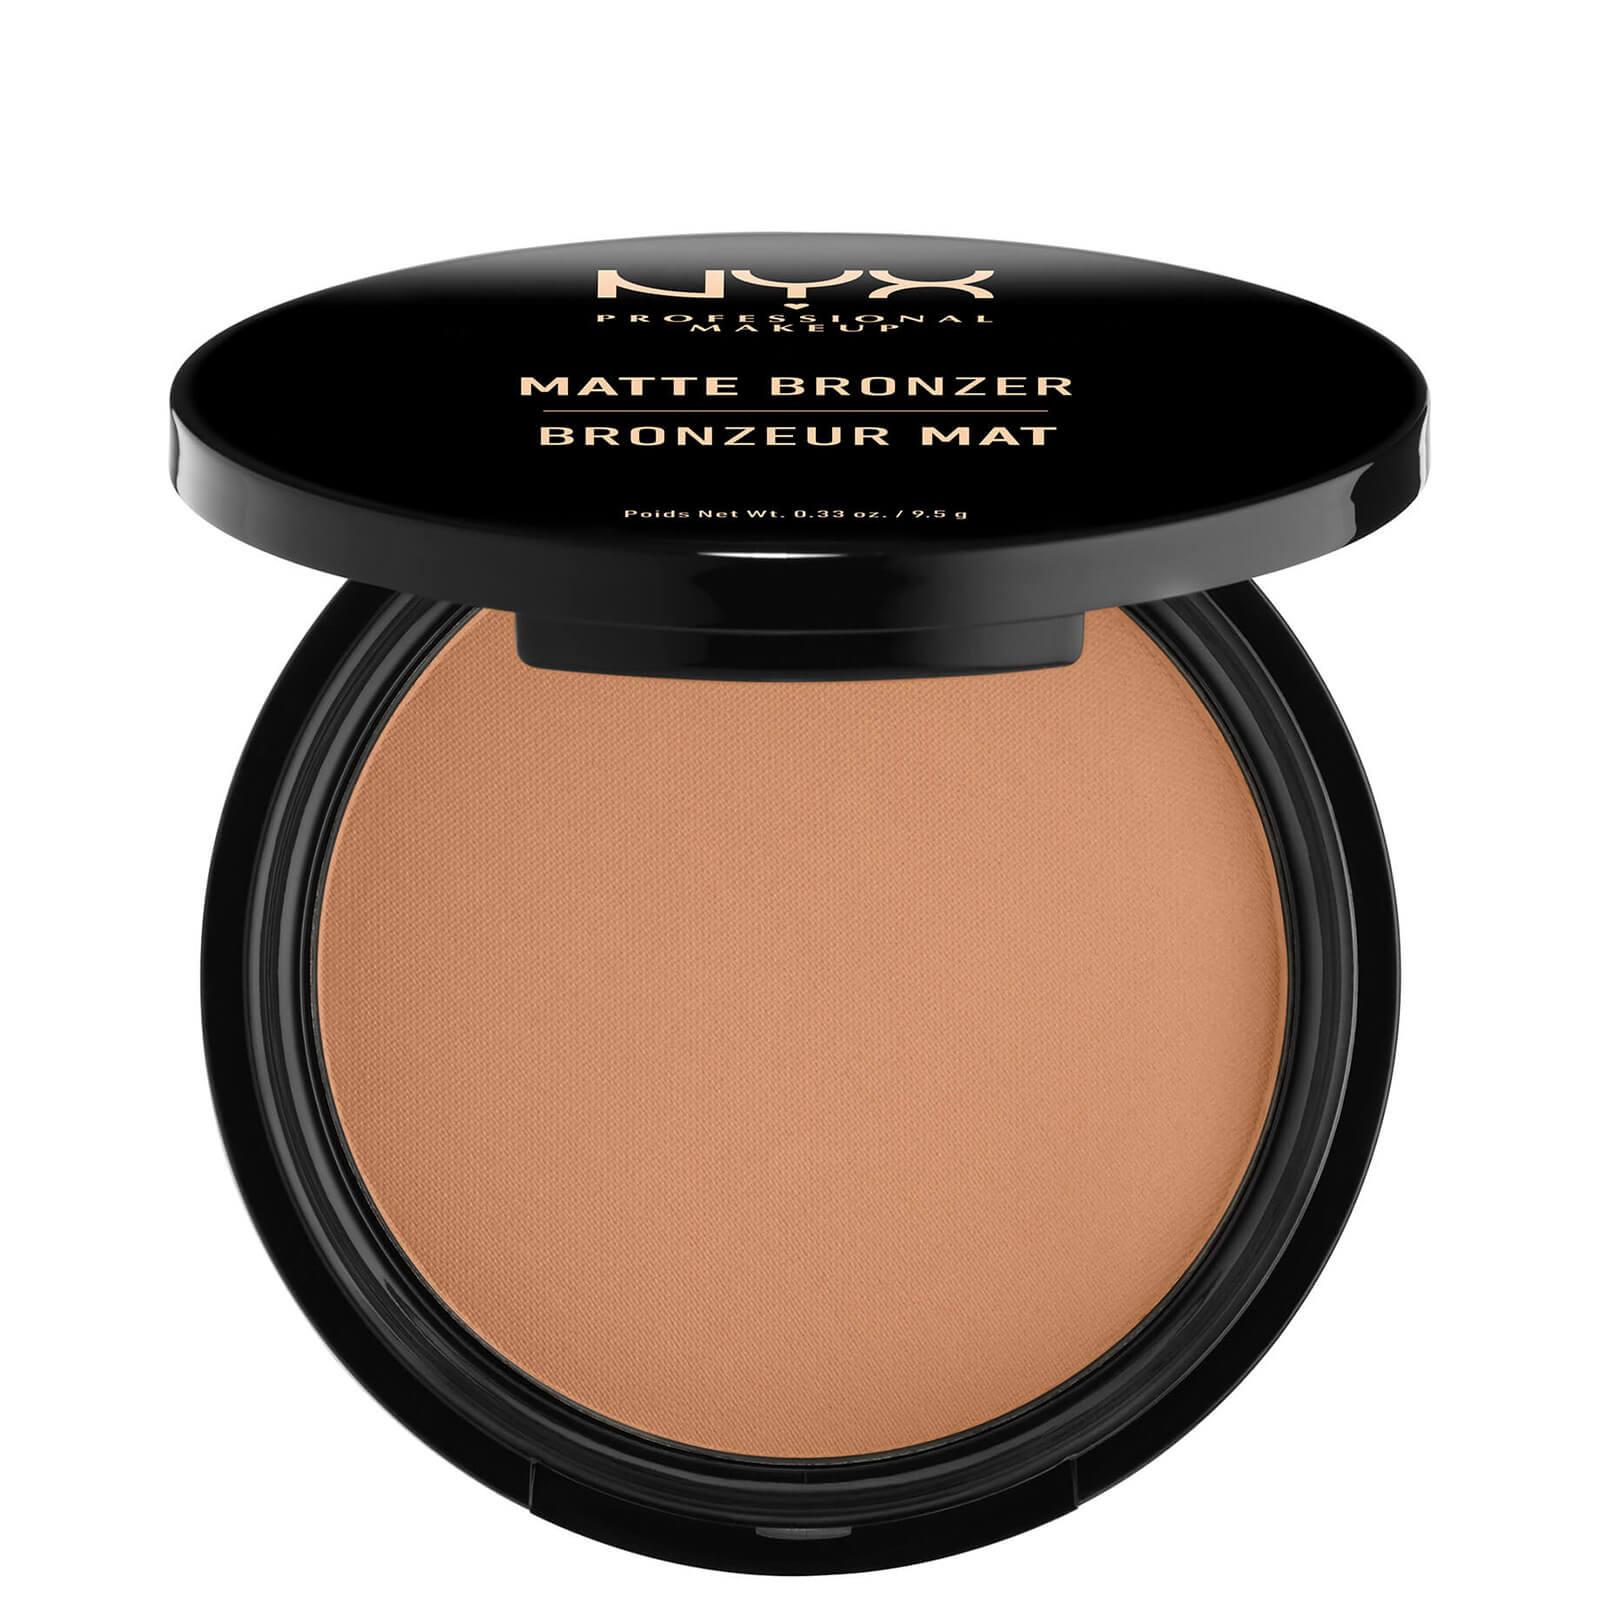 Купить Матовая бронзирующая пудра NYX Professional Makeup Matte Bronzer (различные оттенки) - Light